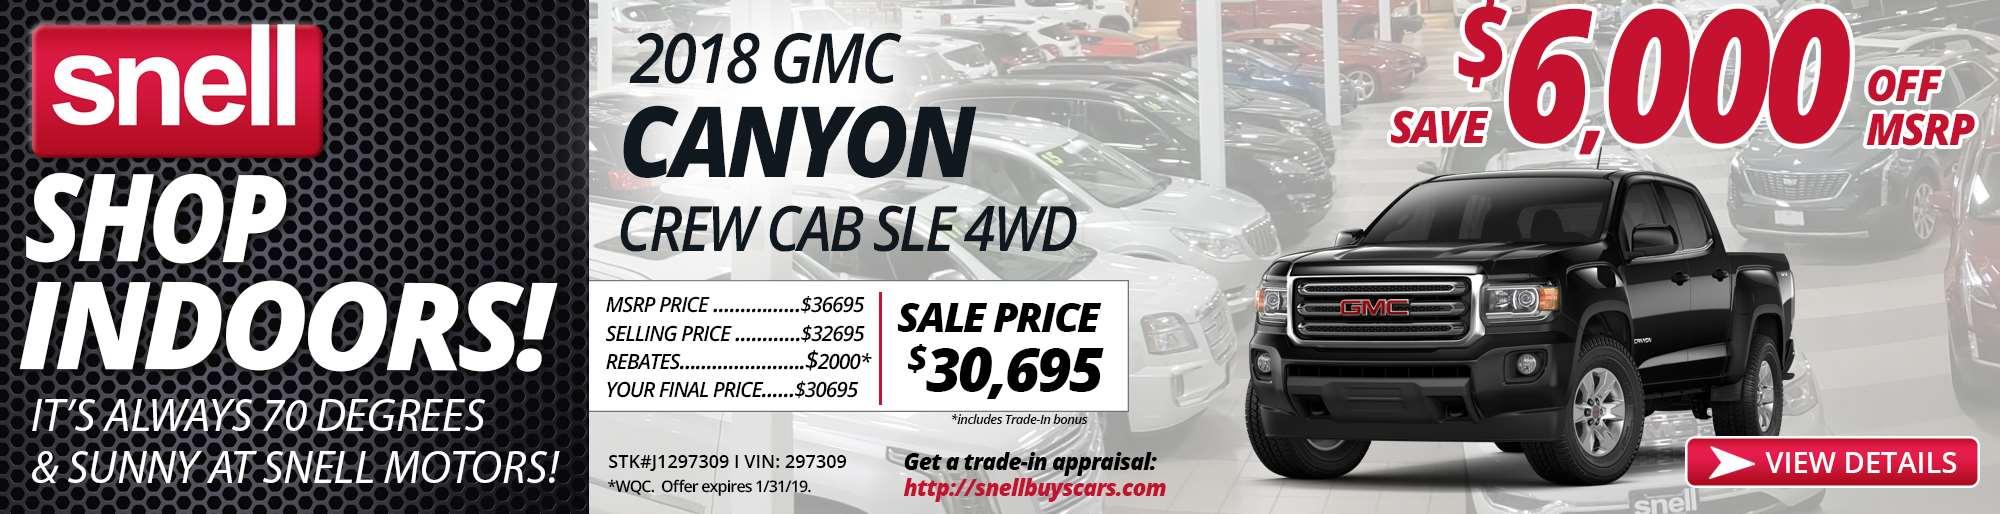 2018 GMC CANYON J1297309